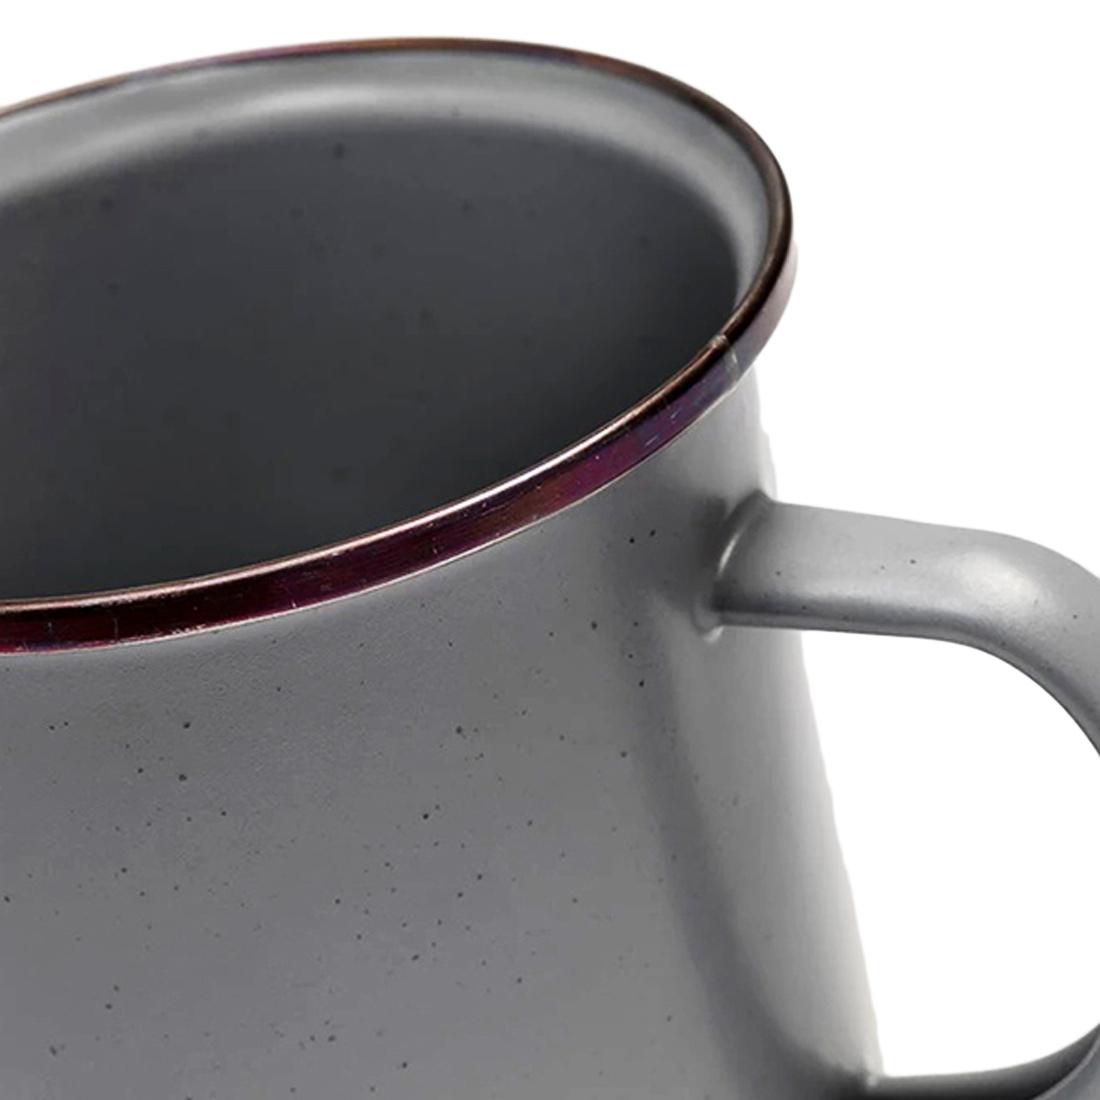 ベアボーンズ リビング エナメルカップ 2個セット クックウェア  国内正規品